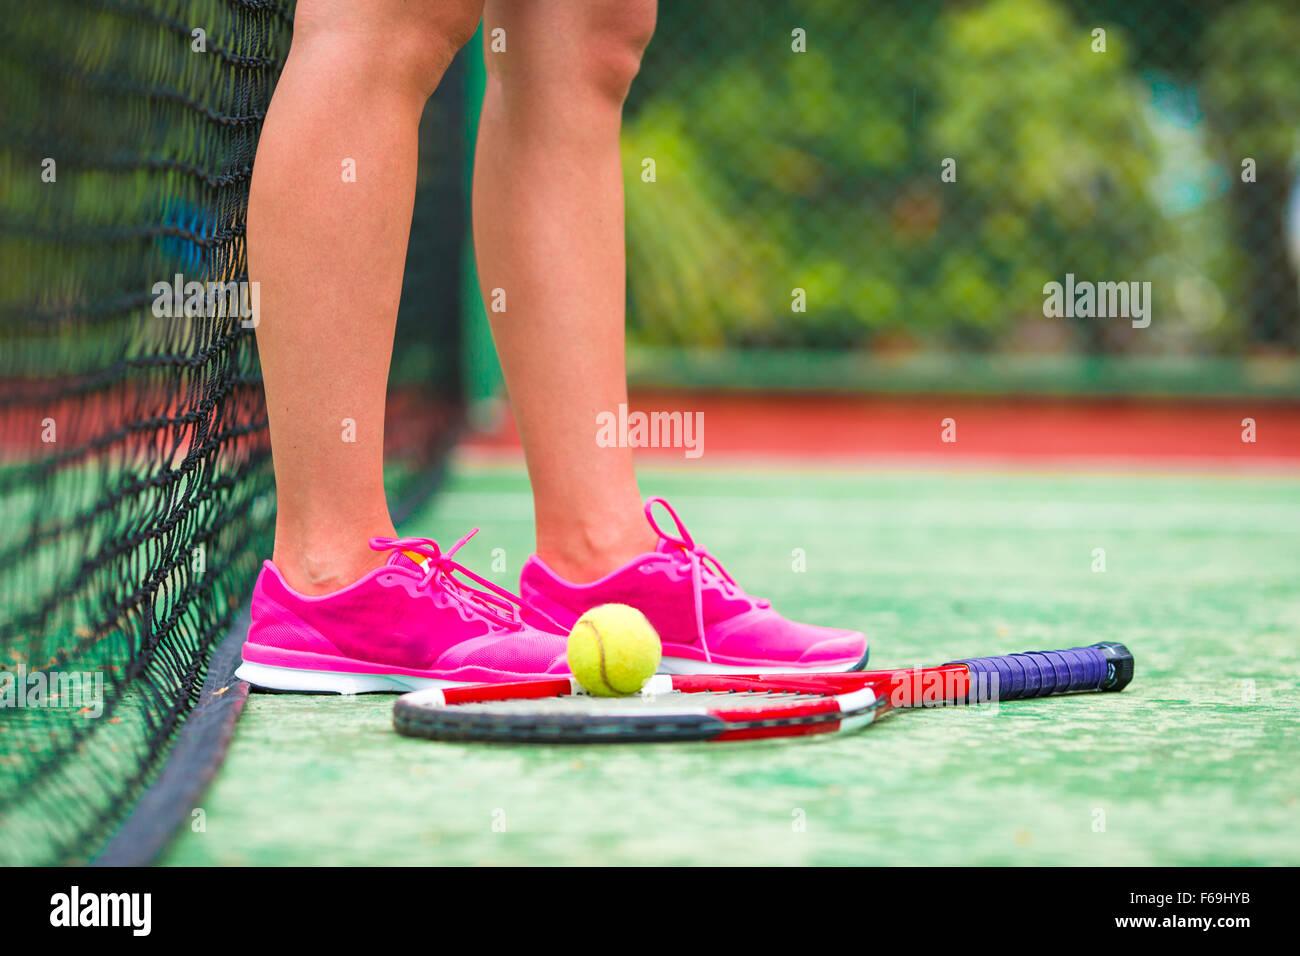 Primer plano de los zapatos con la raqueta de tenis y pelota afuera de la cancha Imagen De Stock